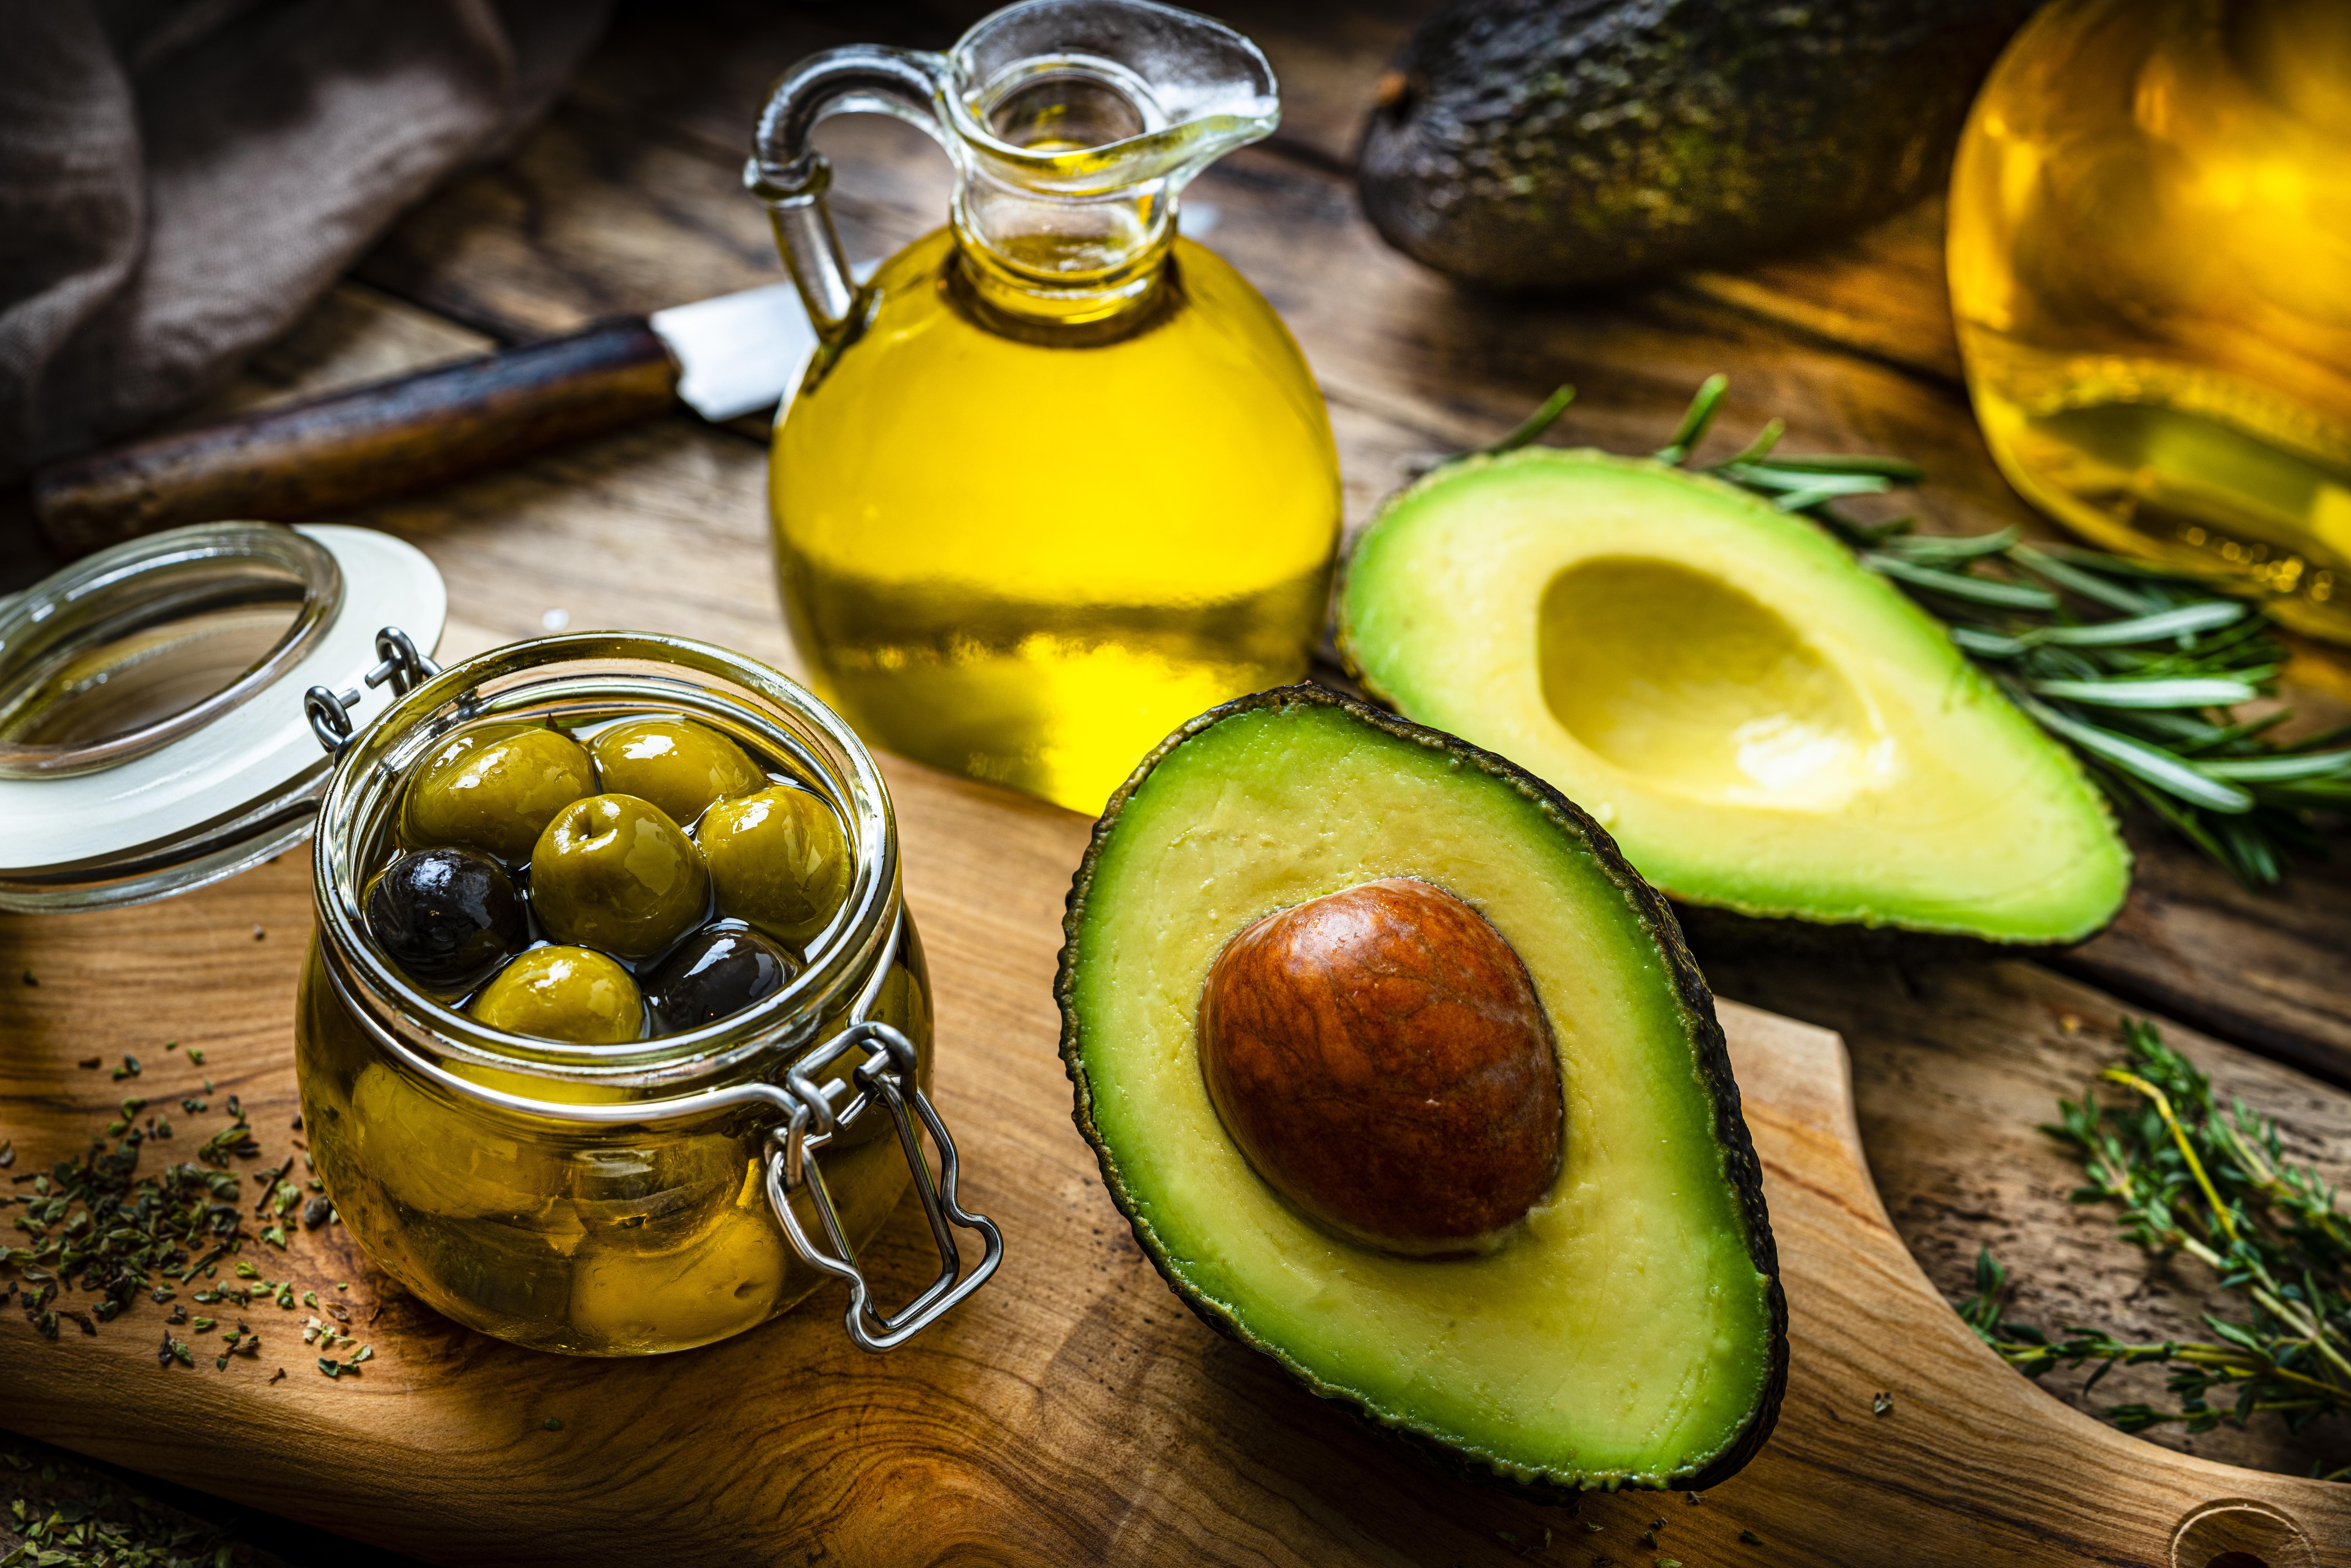 <p><strong>Маслото от авокадо</strong> е чудесно за вашите кулинарни шедьоври, особено изискващи висок градус на приготвяне.</p>